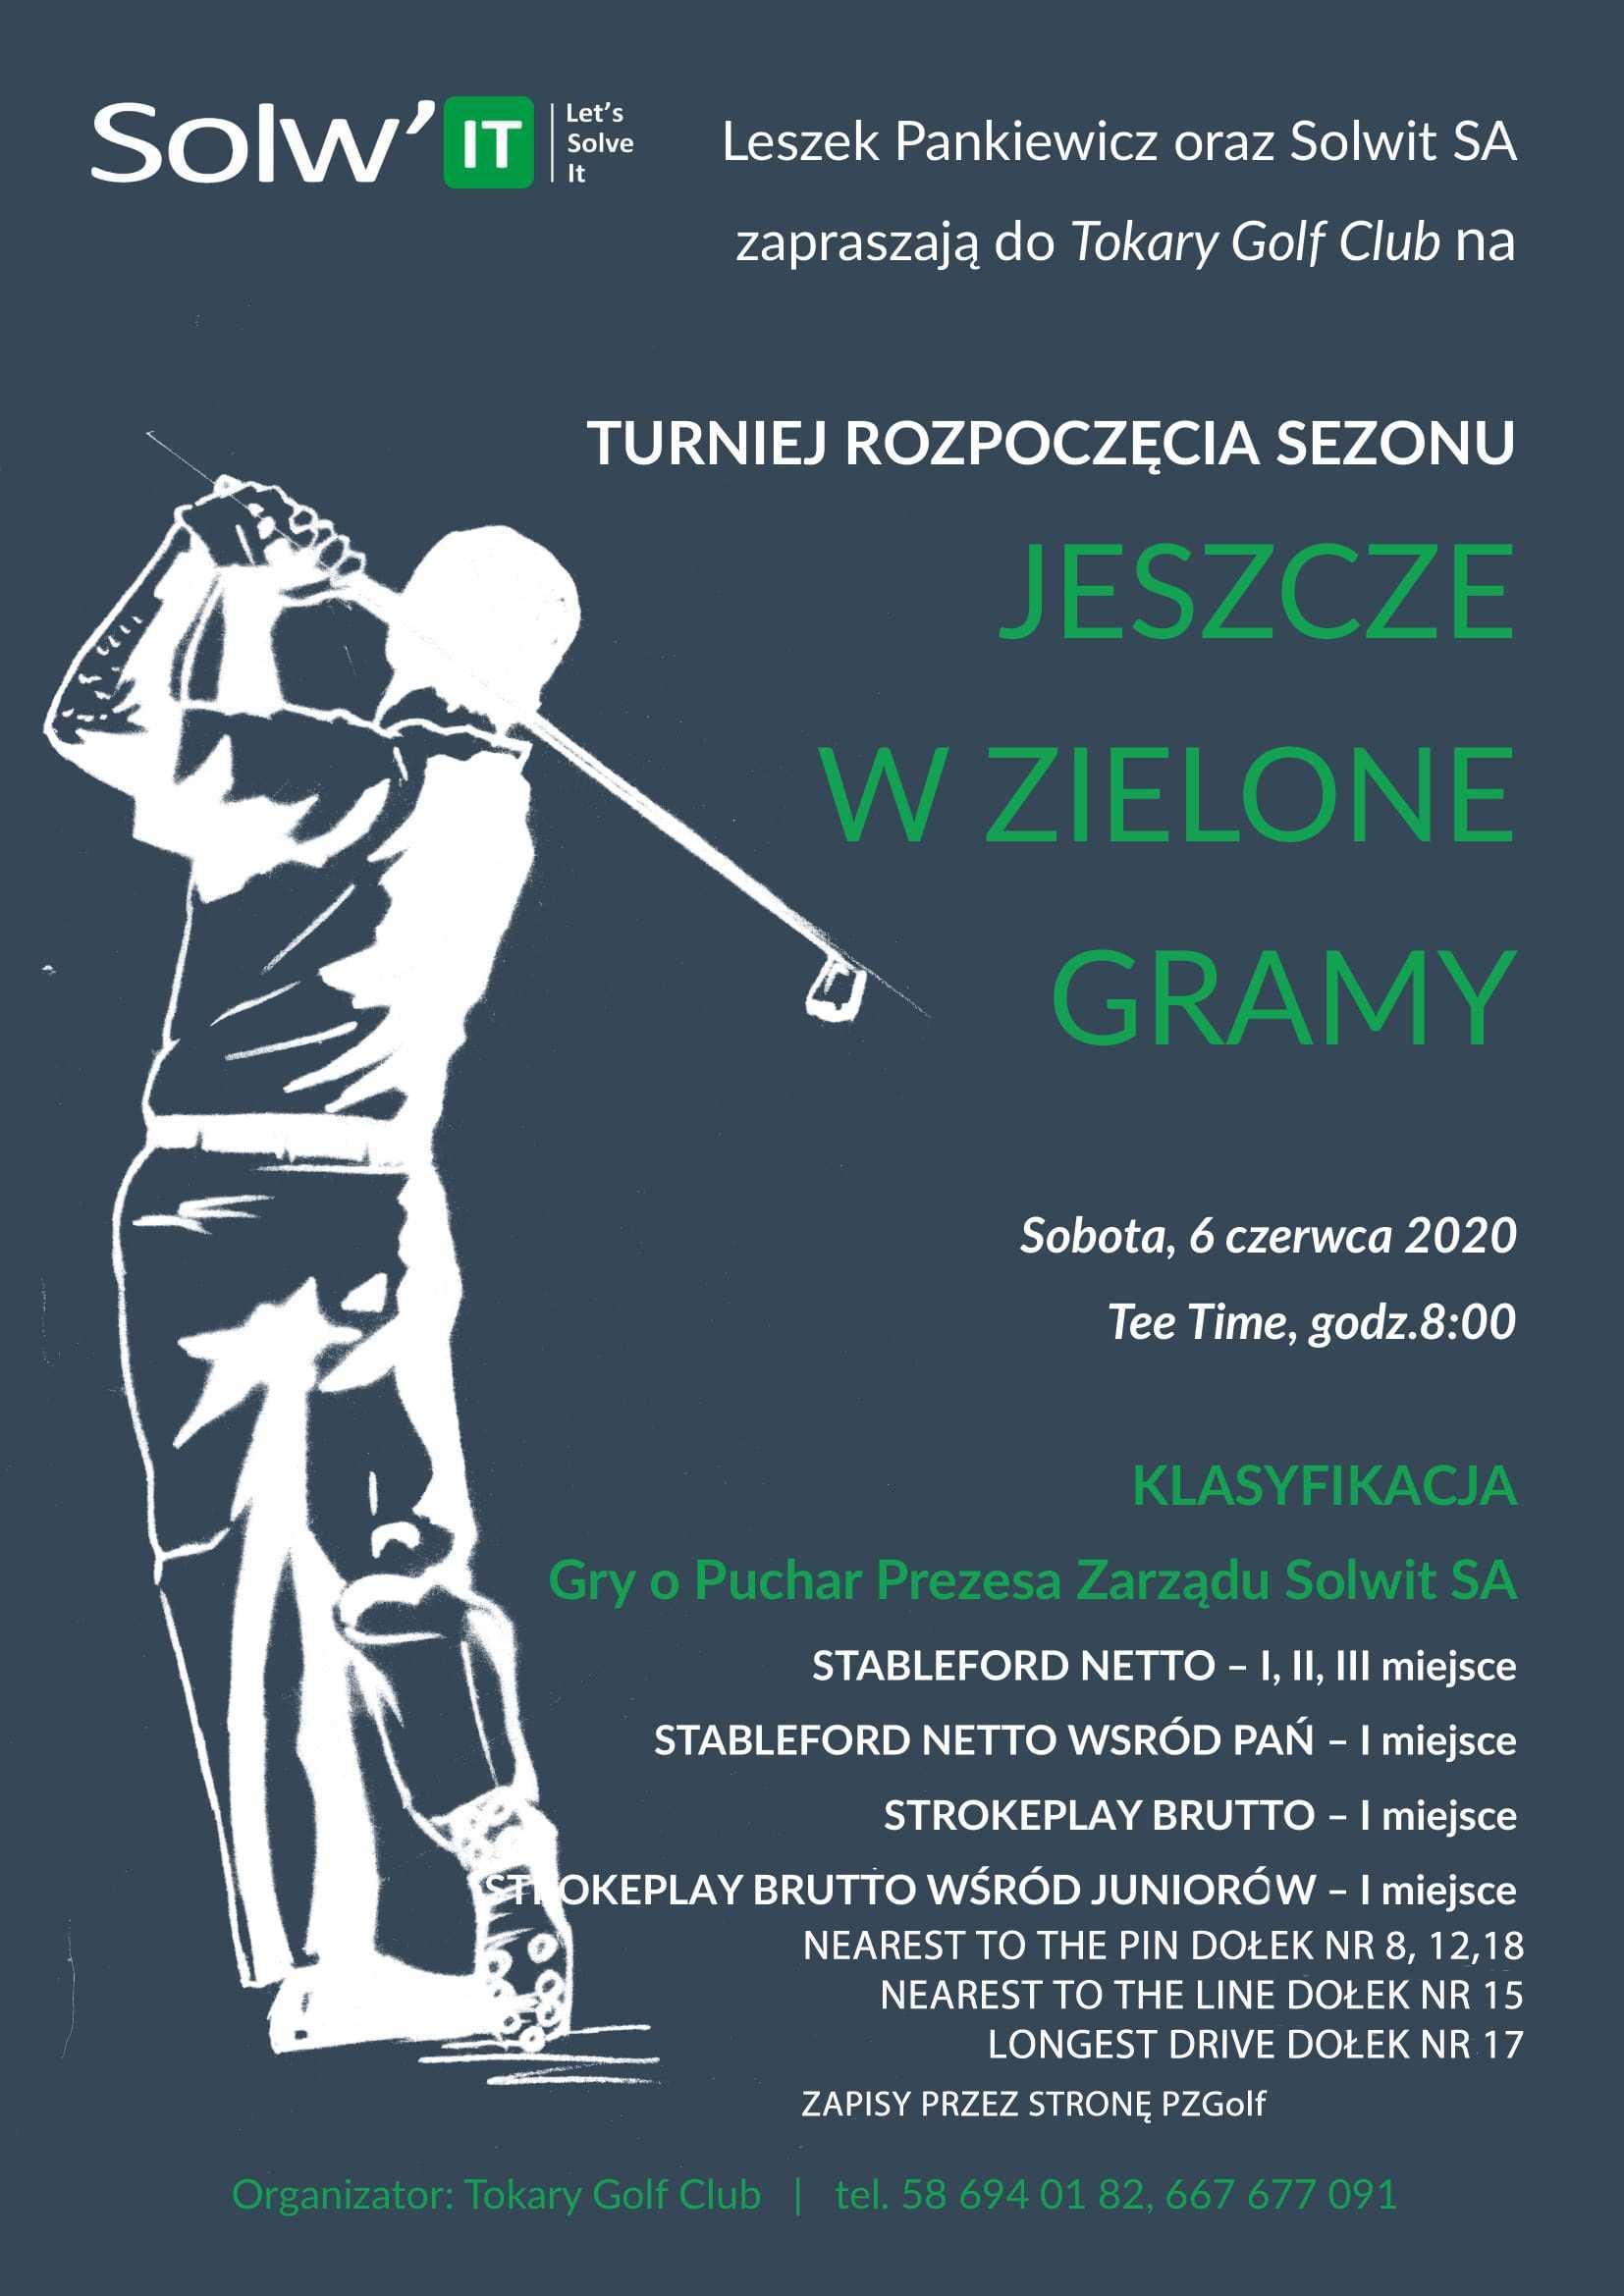 Turniej Otwarcia Sezonu - Jeszcze w Zielone Gramy